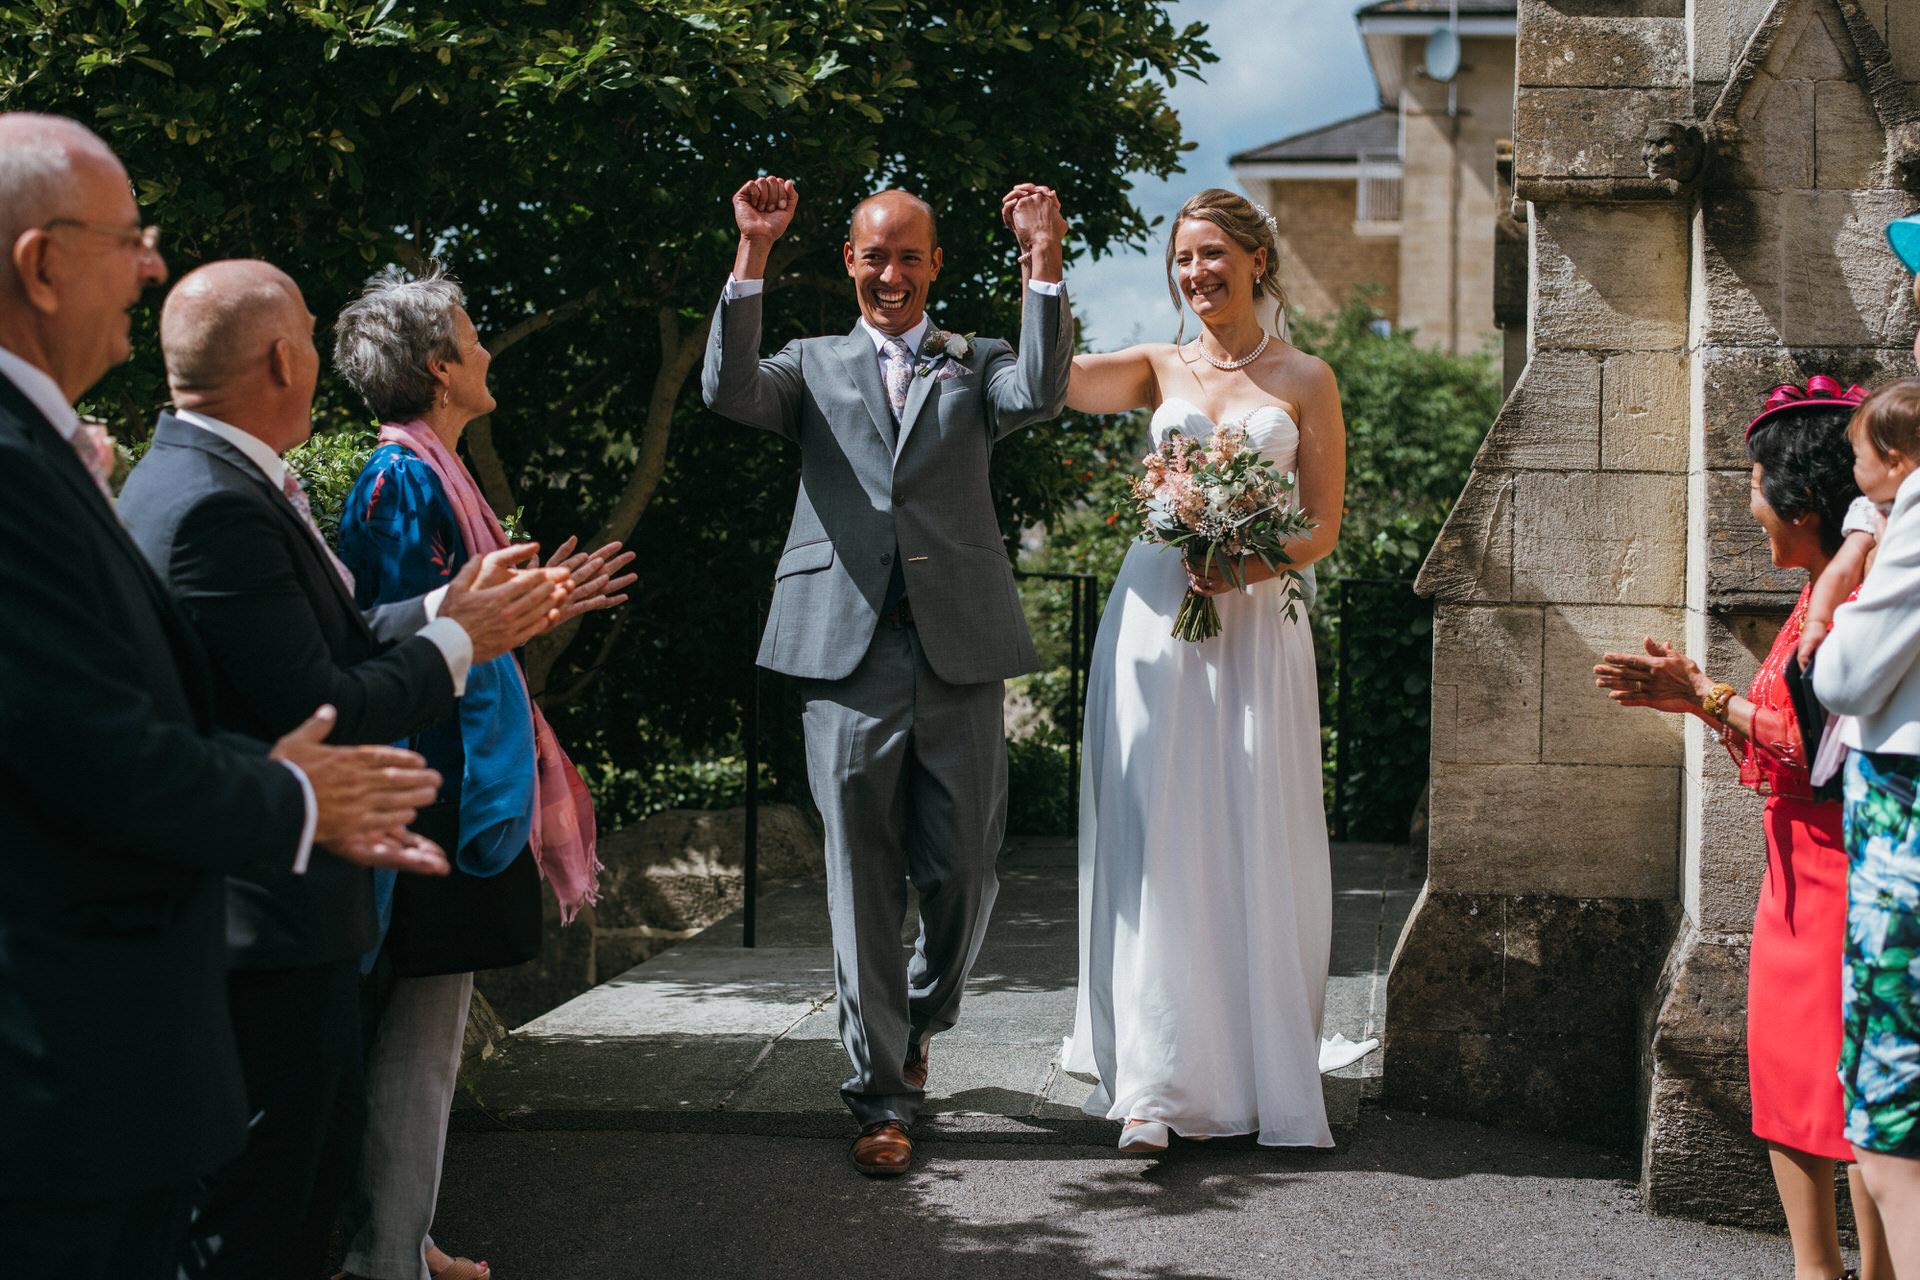 Micro wedding newlyweds